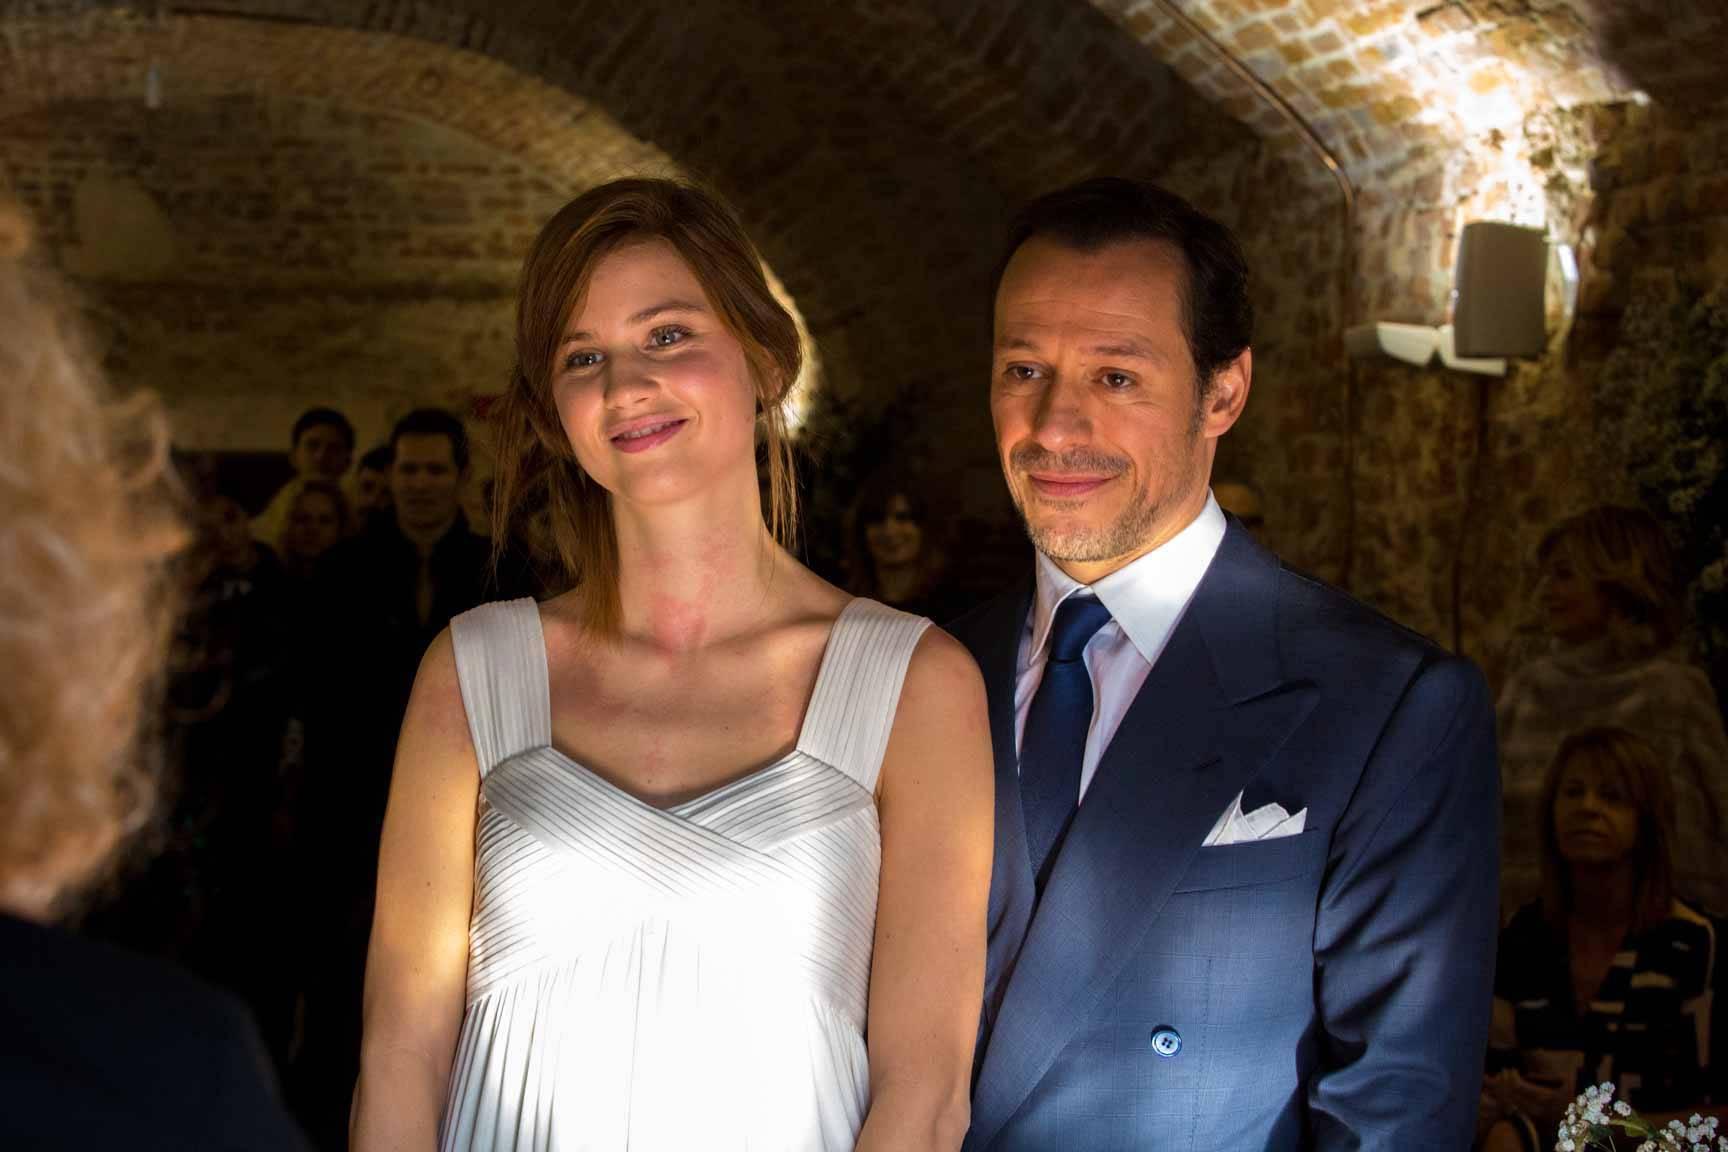 Bianca Vitali e Stefano accorsi nel giorno delle nozze (Foto pubblicata da Saverio Ferrigna su facebook)